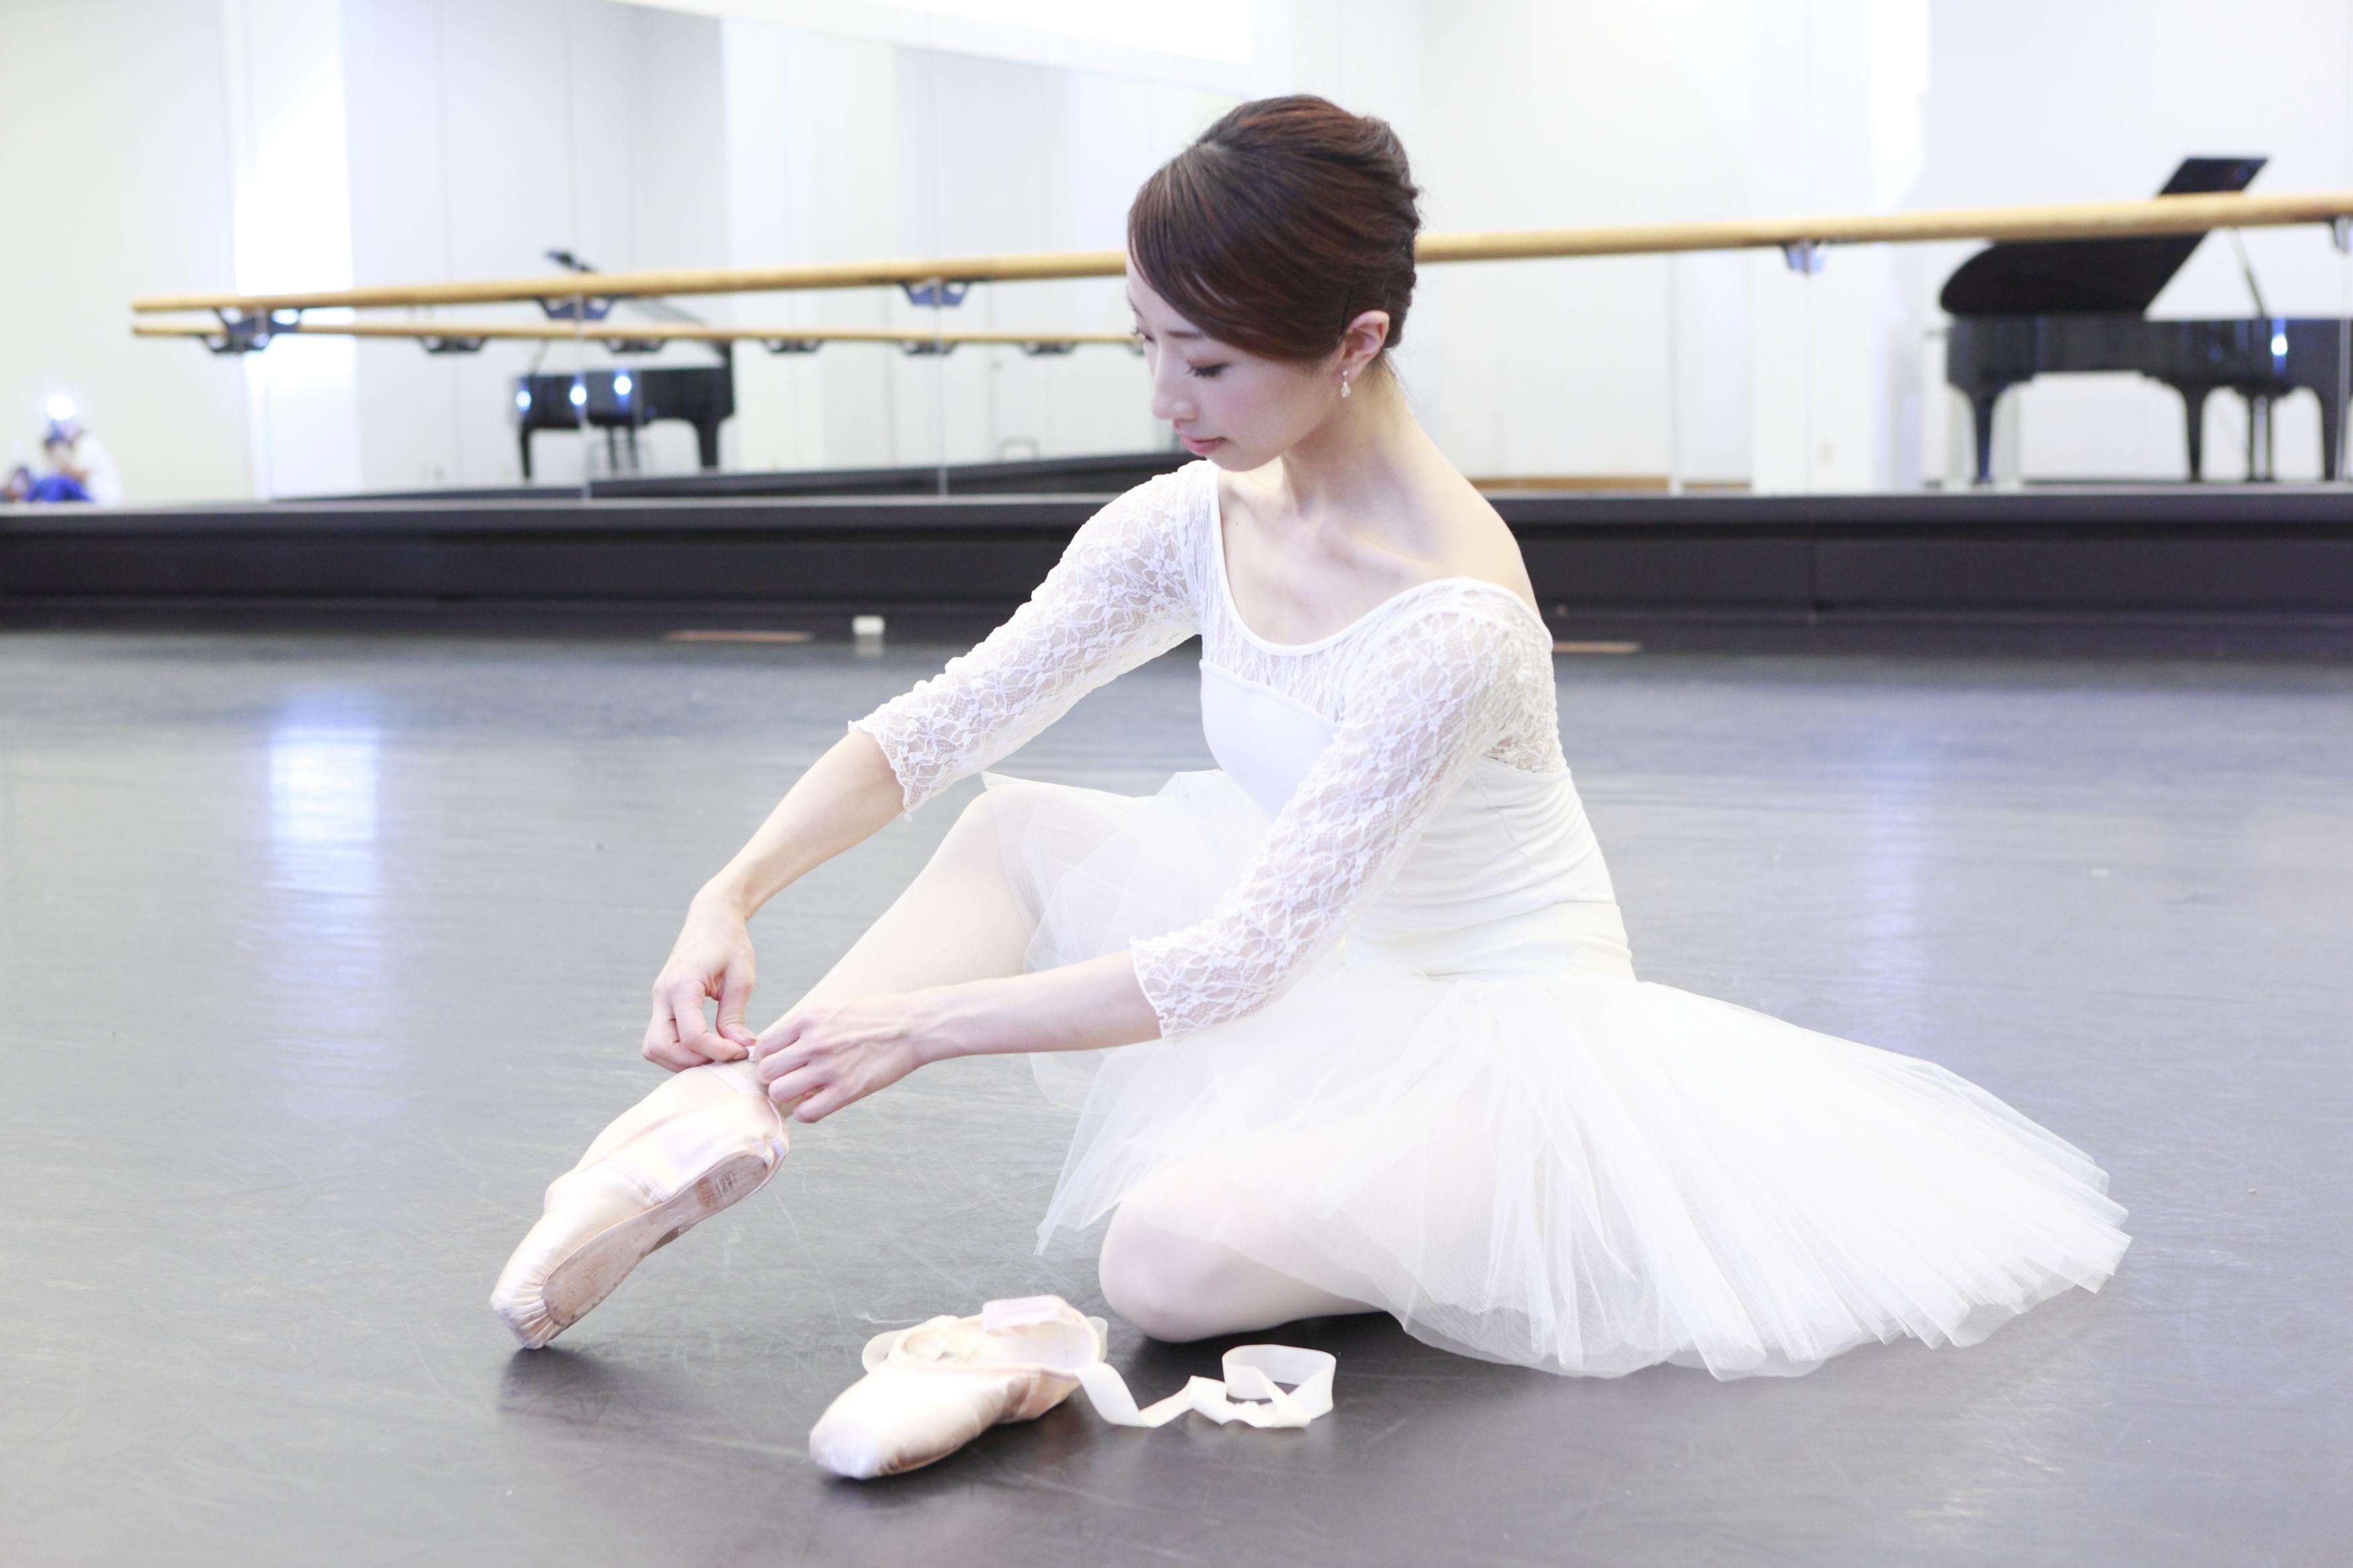 本格的なのに気軽に通えるのが嬉しい! プロダンサーも受ける上級バレエレッスン